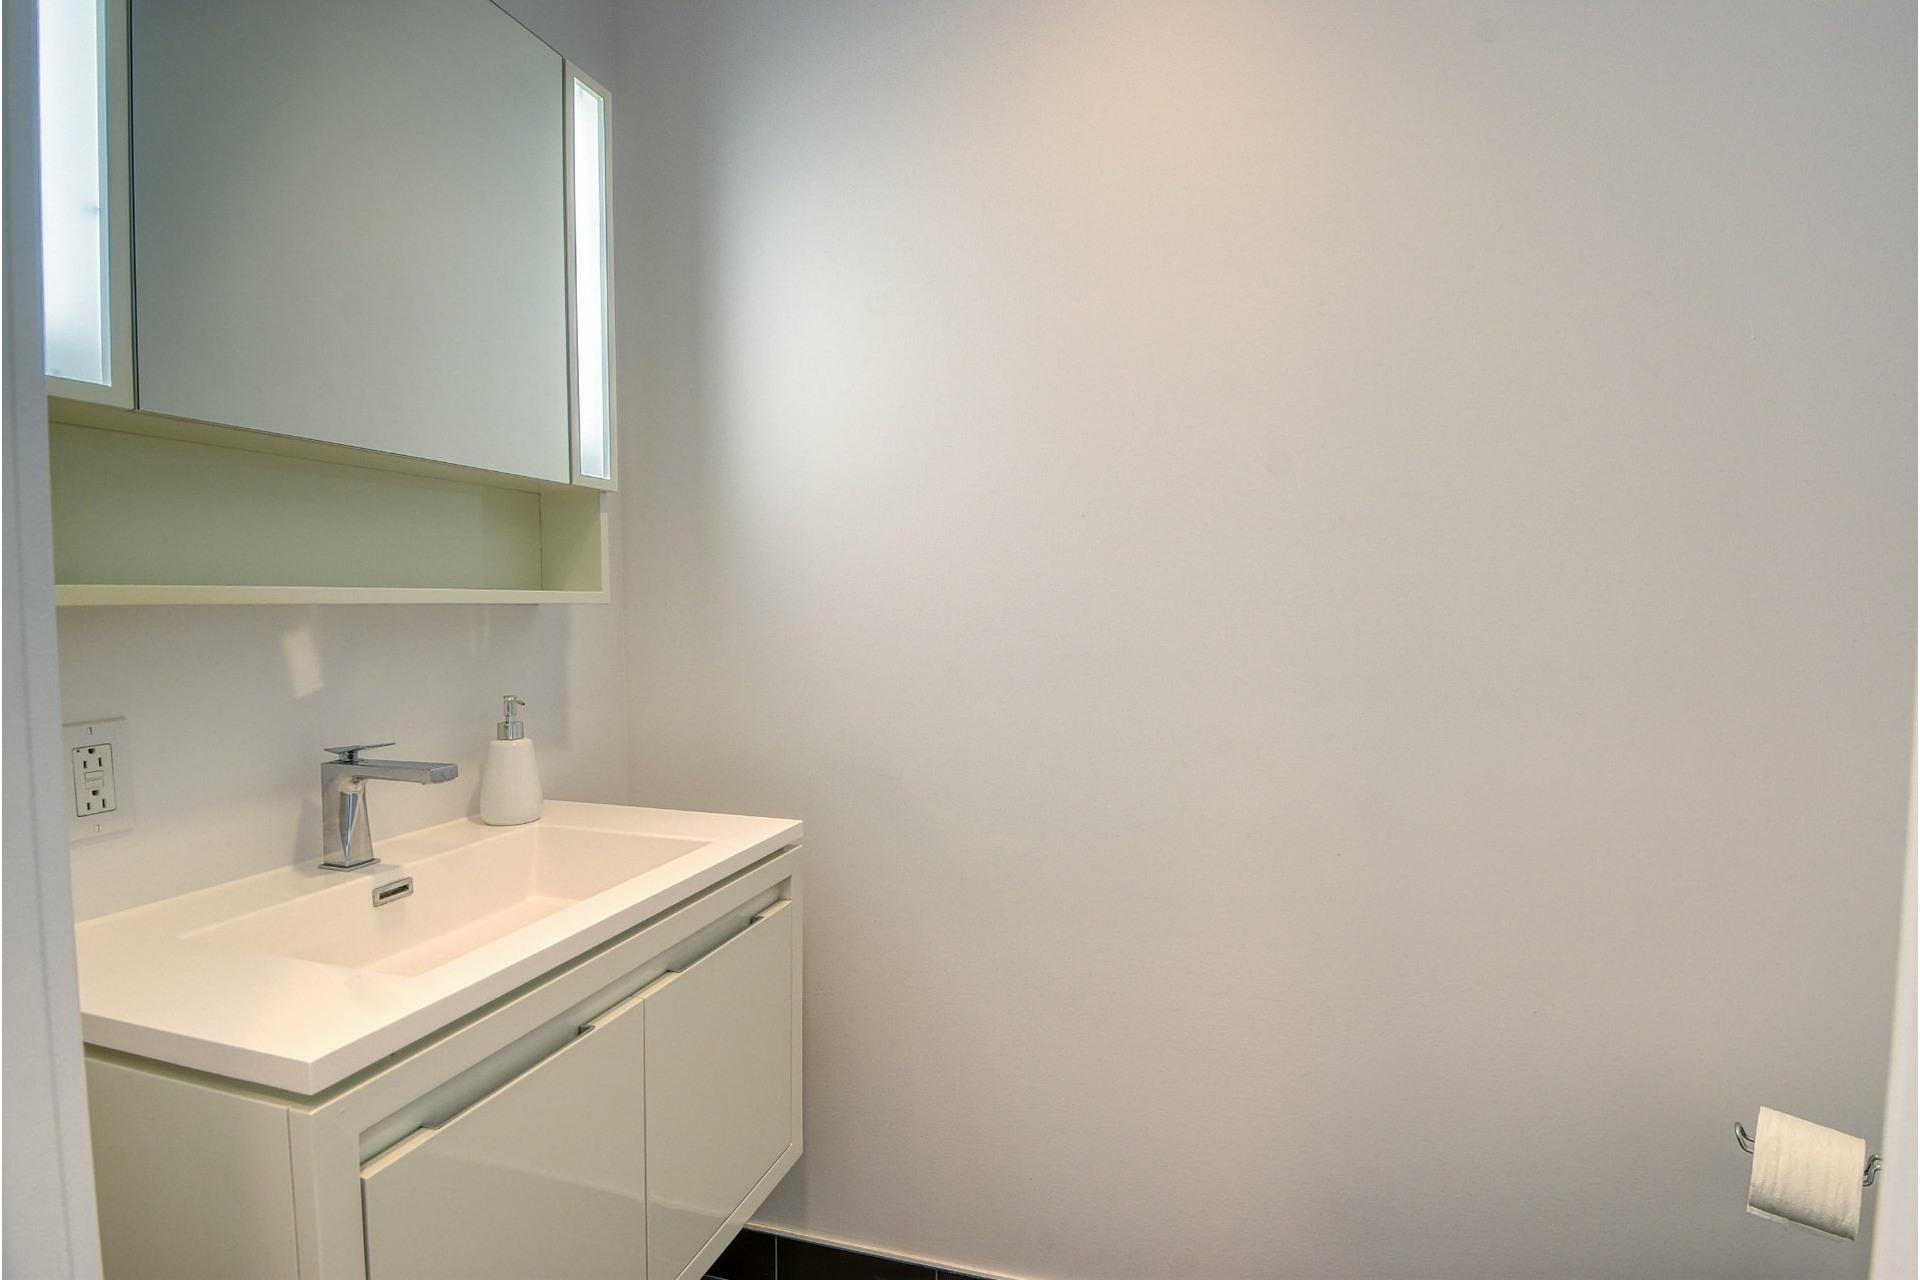 image 20 - Apartment For rent Ville-Marie Montréal  - 6 rooms